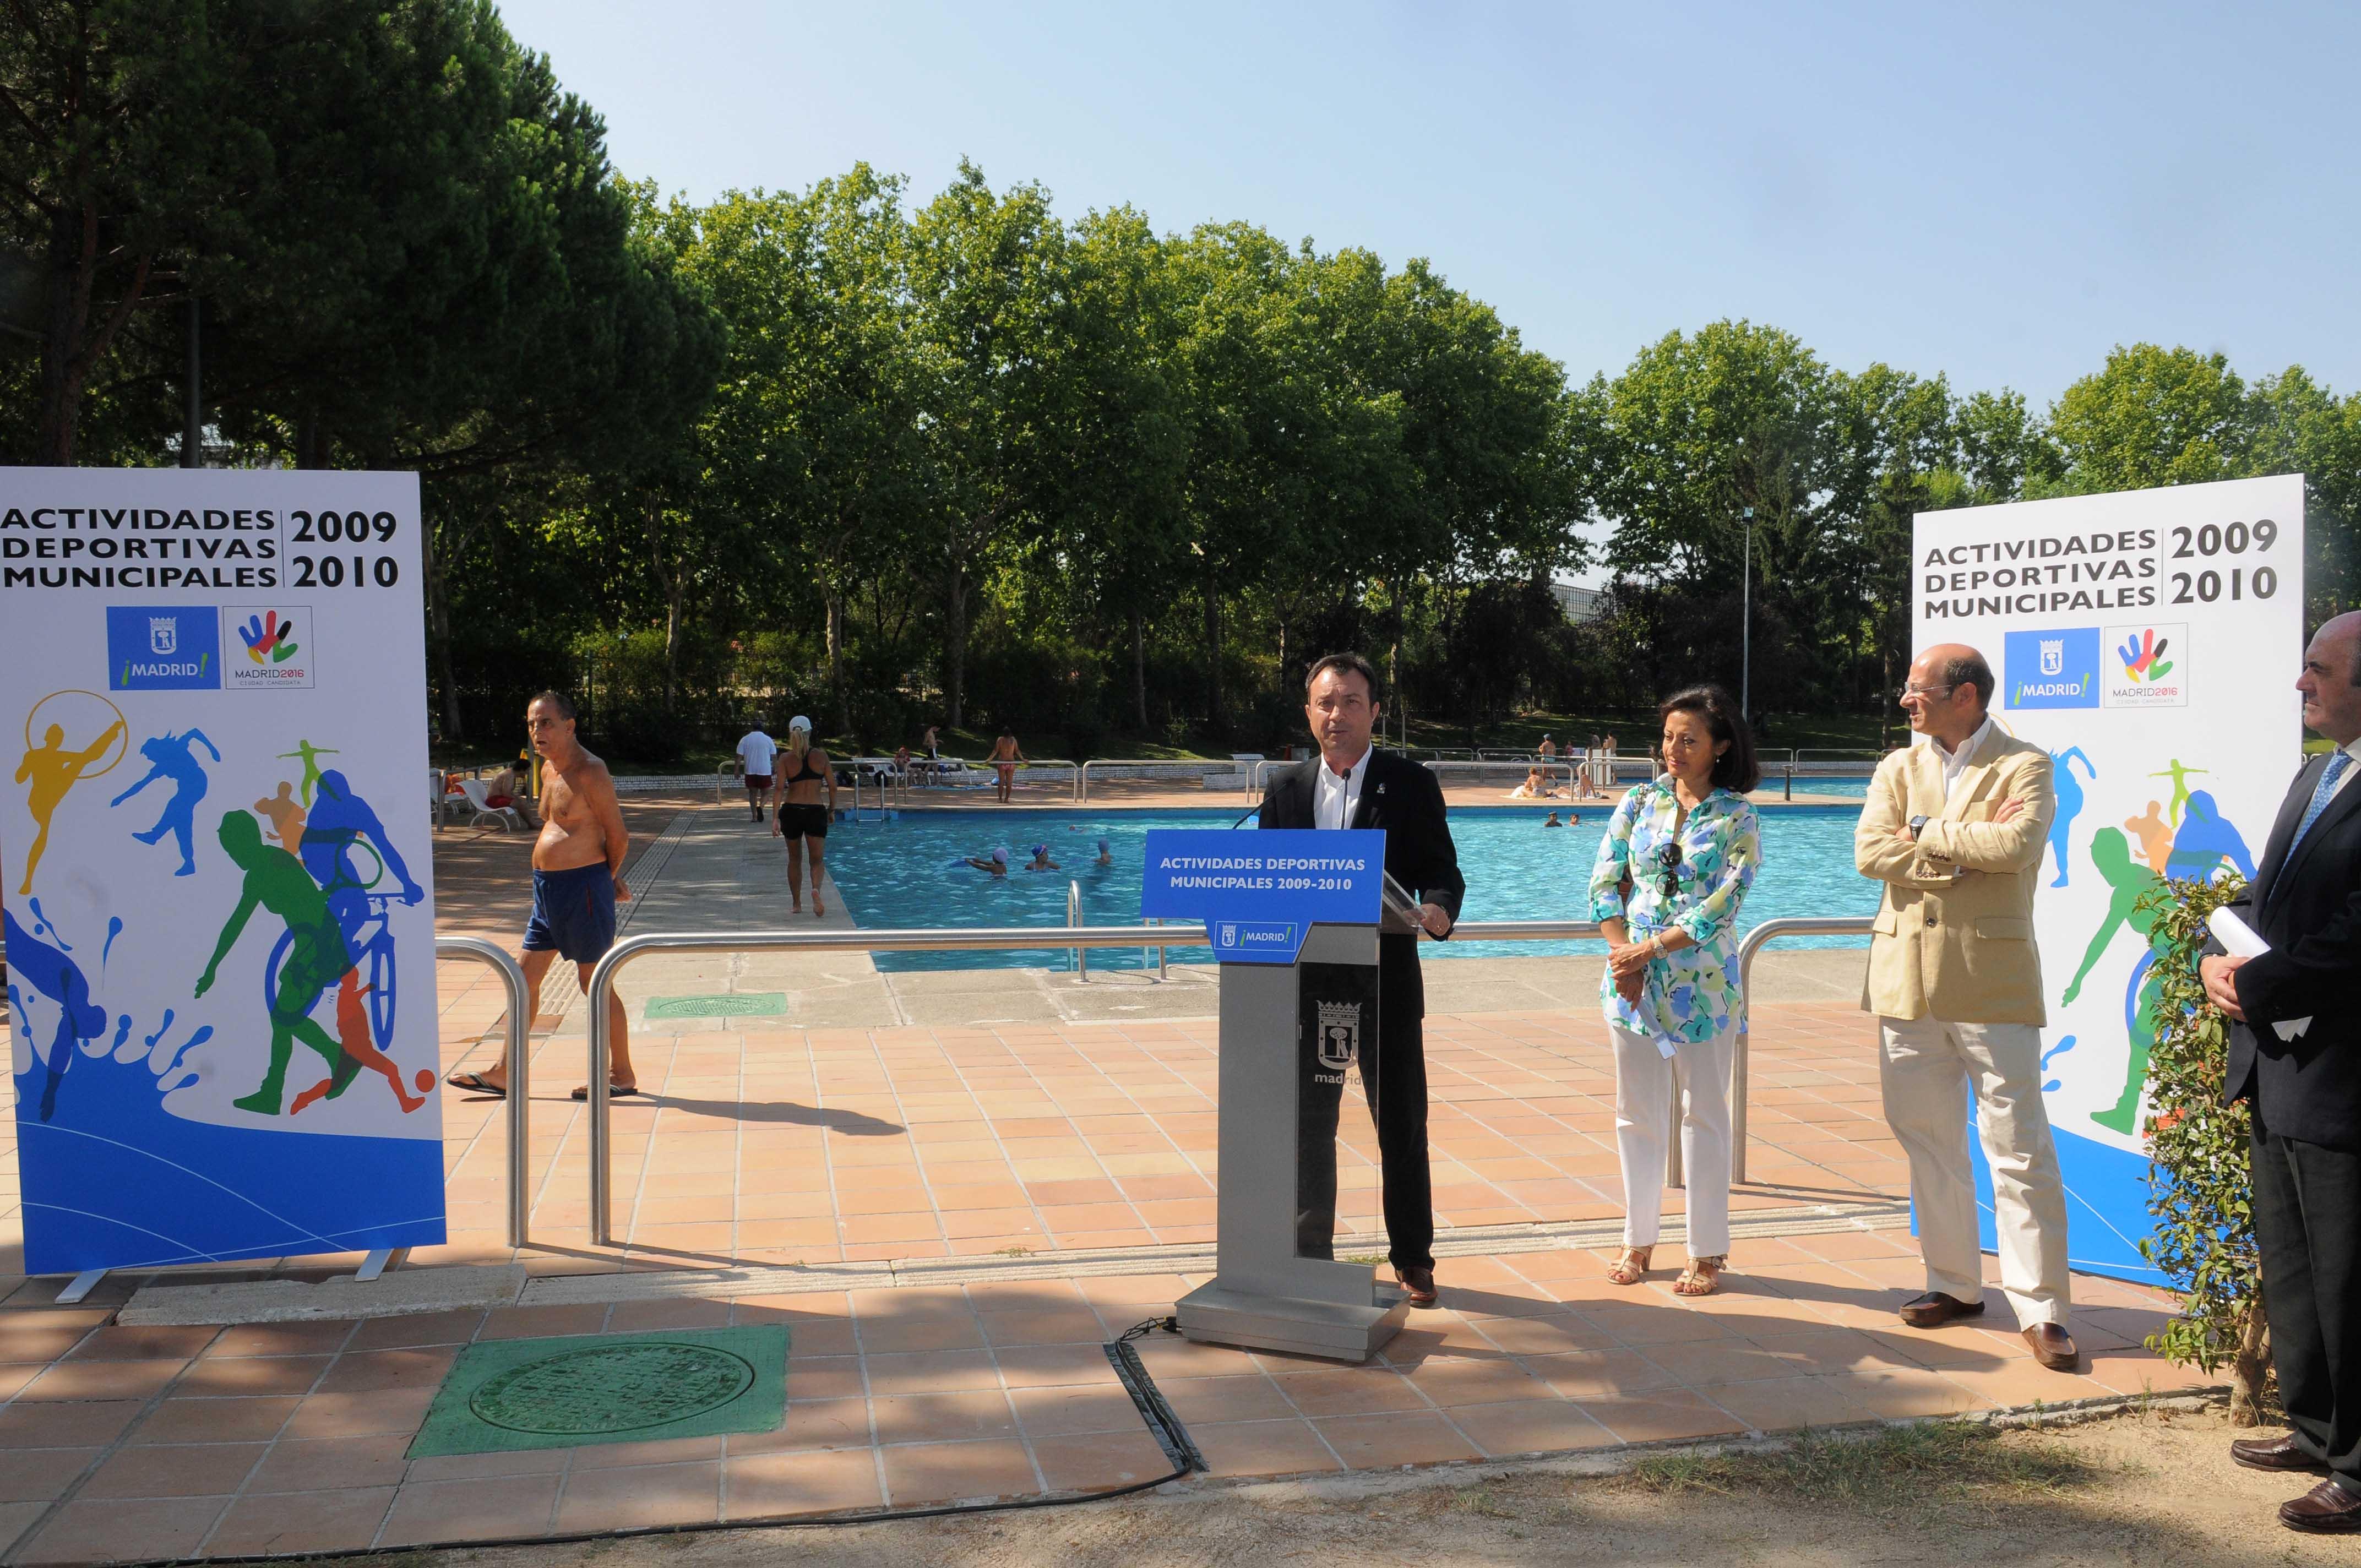 Las piscinas municipales de verano cerrar n el 6 de for Piscinas municipales cubiertas madrid